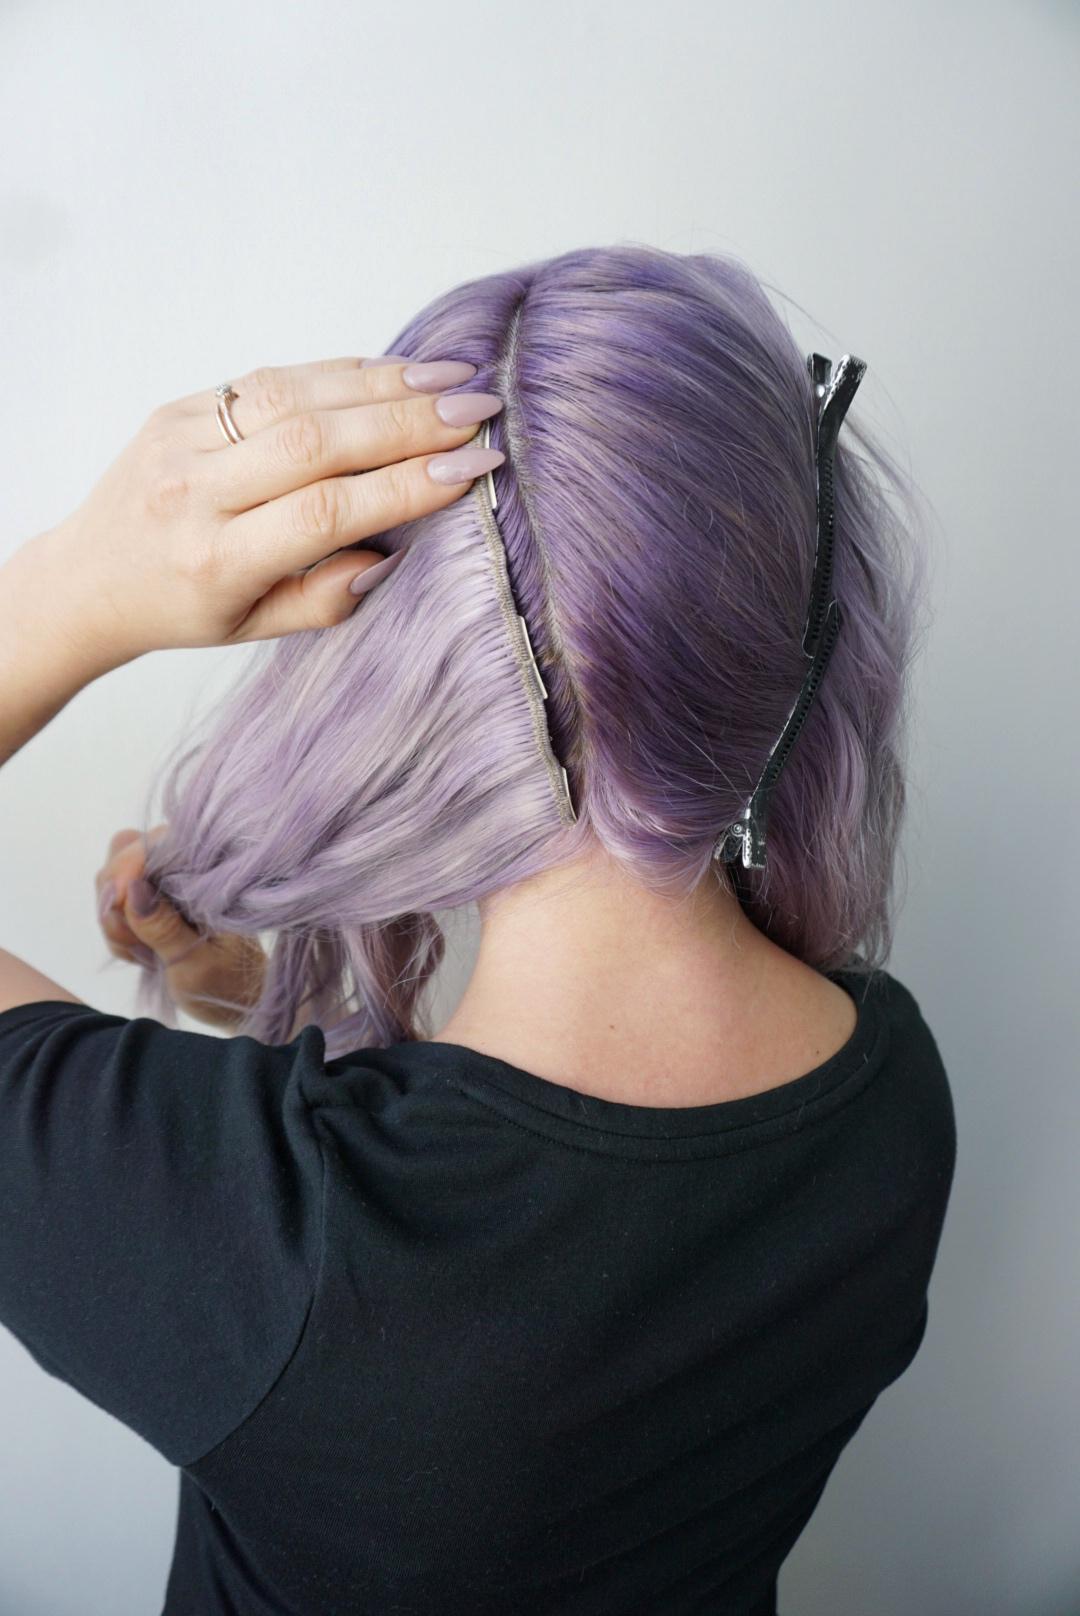 Haarverlangerung fur braids